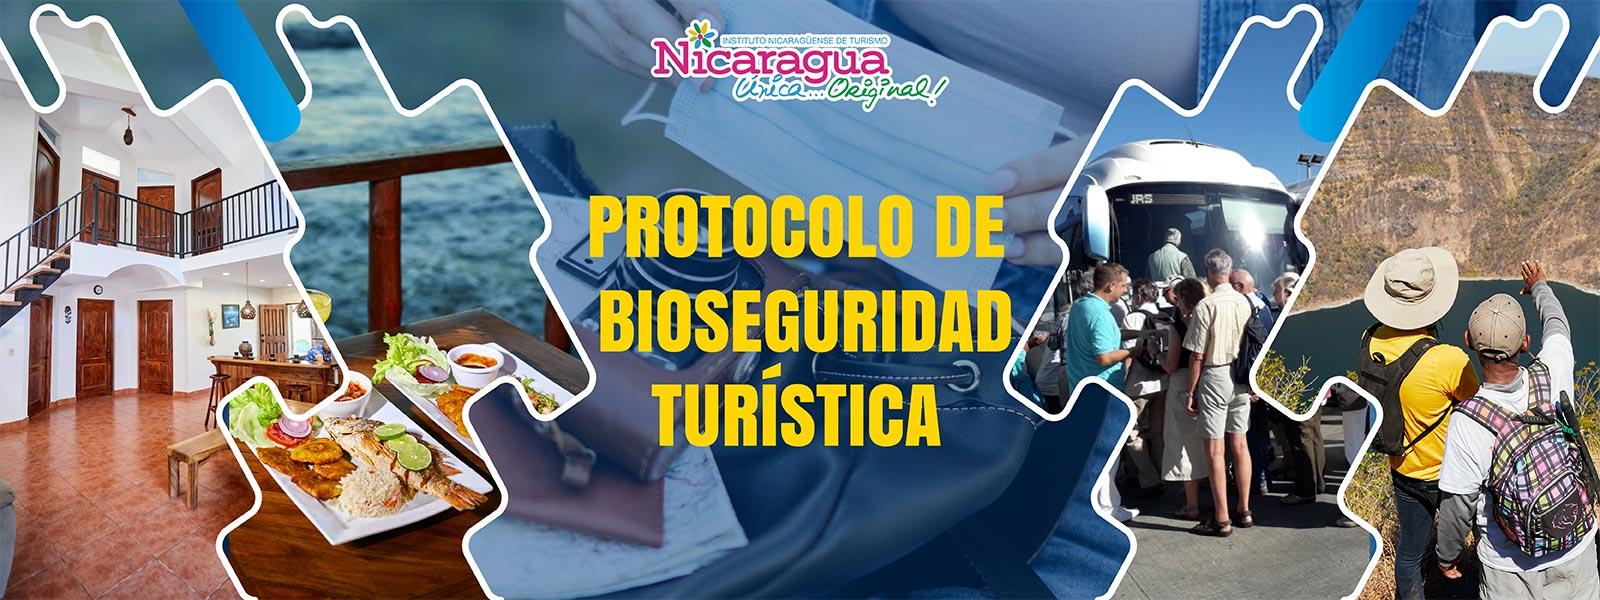 Portadas-Protocolo-Bioseguridad-Nicaragua